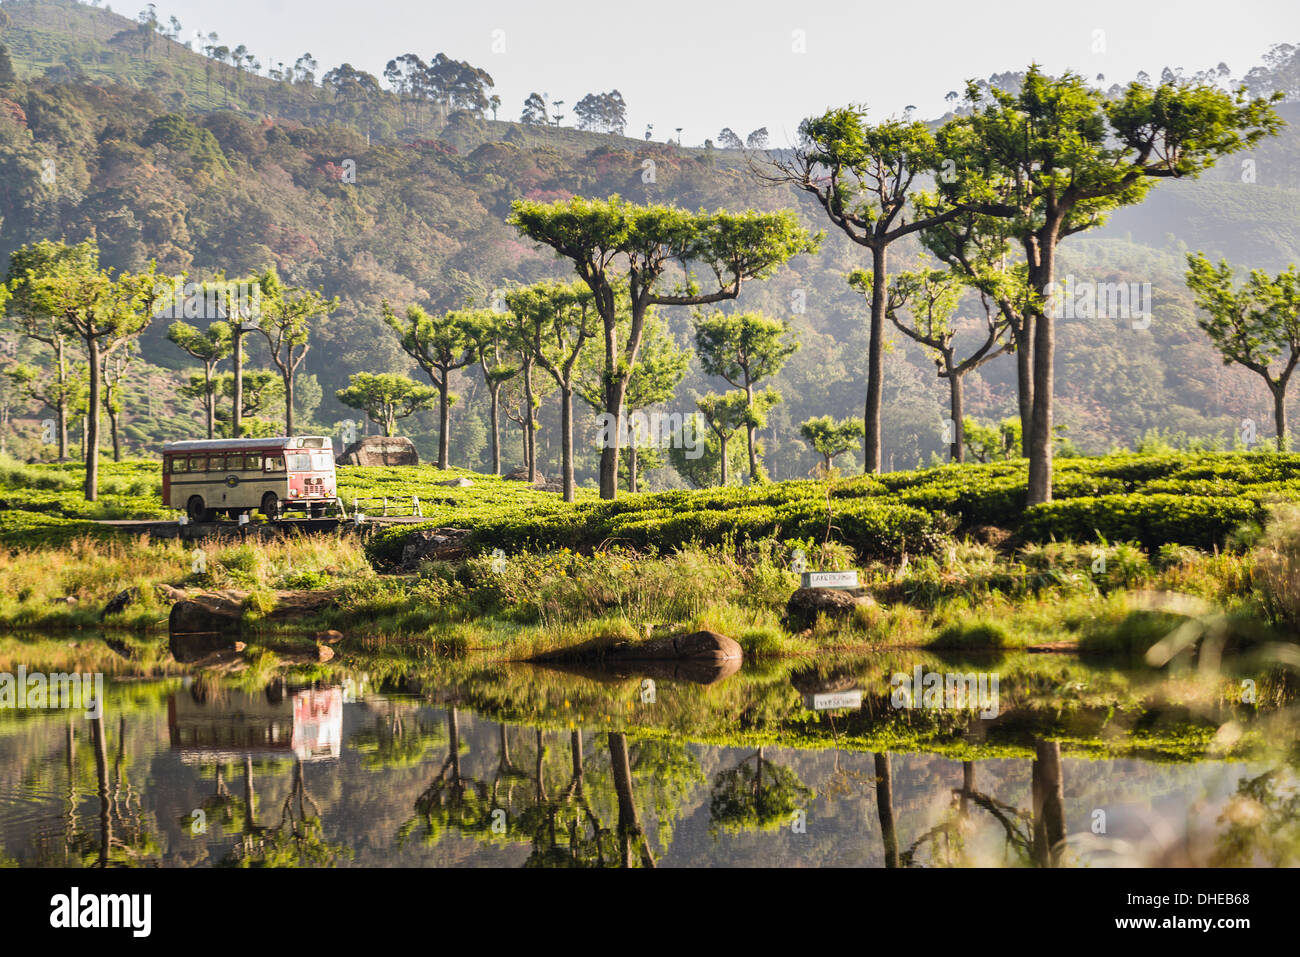 Haputale, reflexiones de un autobús público en un lago en el distrito de Nuwara Eliya, Sri Lanka Hill Country, Sri Lanka, Asia Imagen De Stock